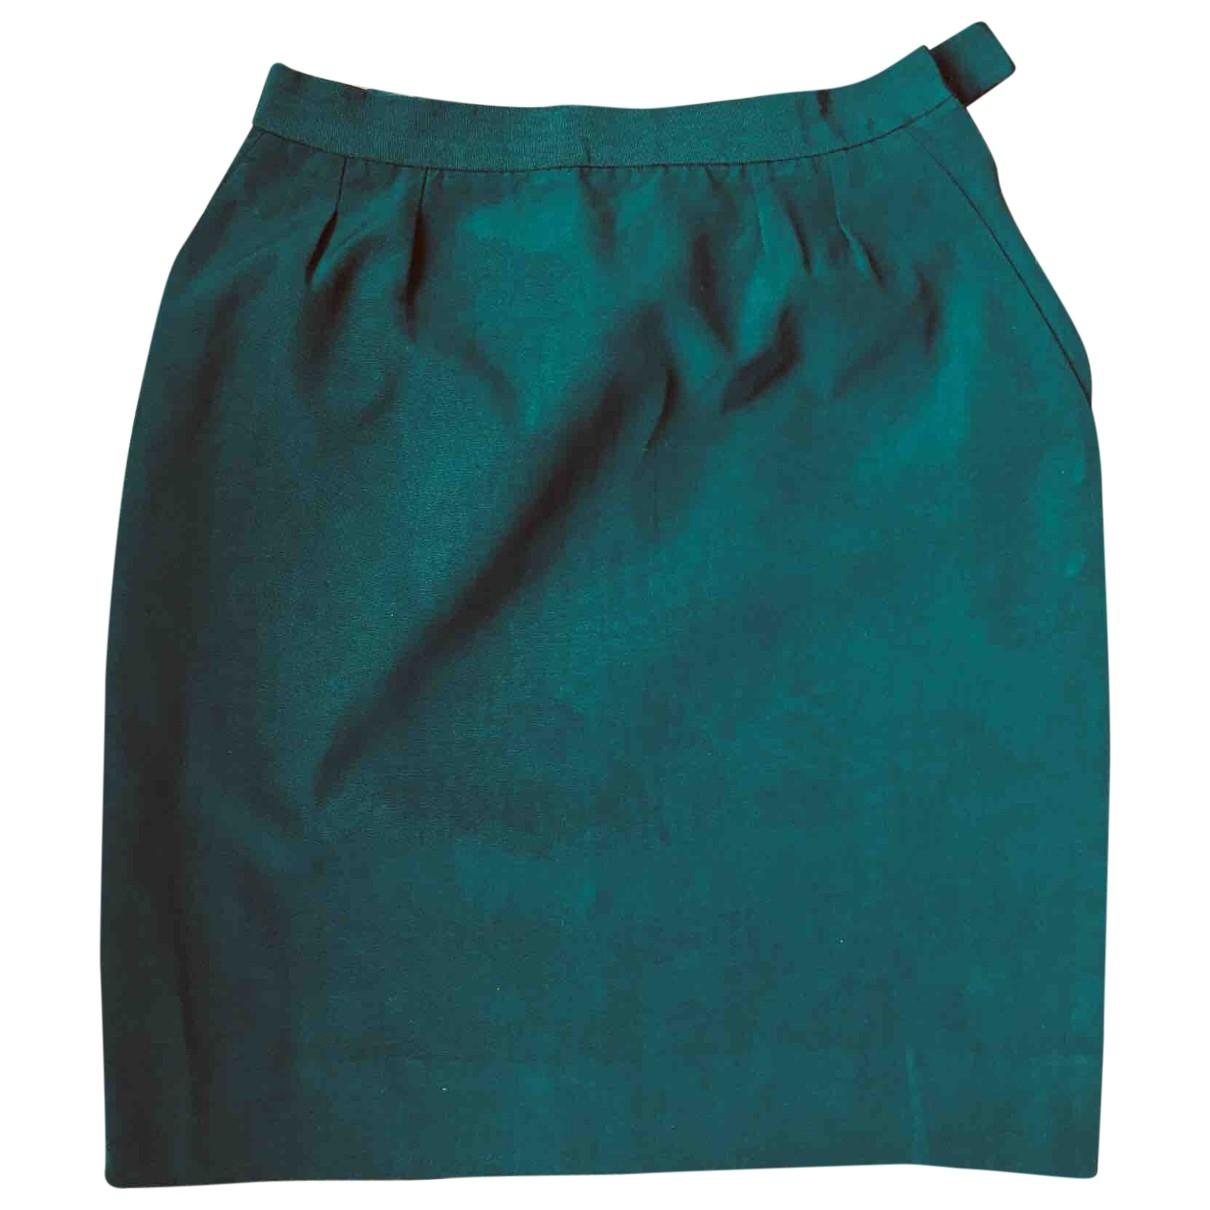 Yves Saint Laurent - Jupe   pour femme en coton - vert